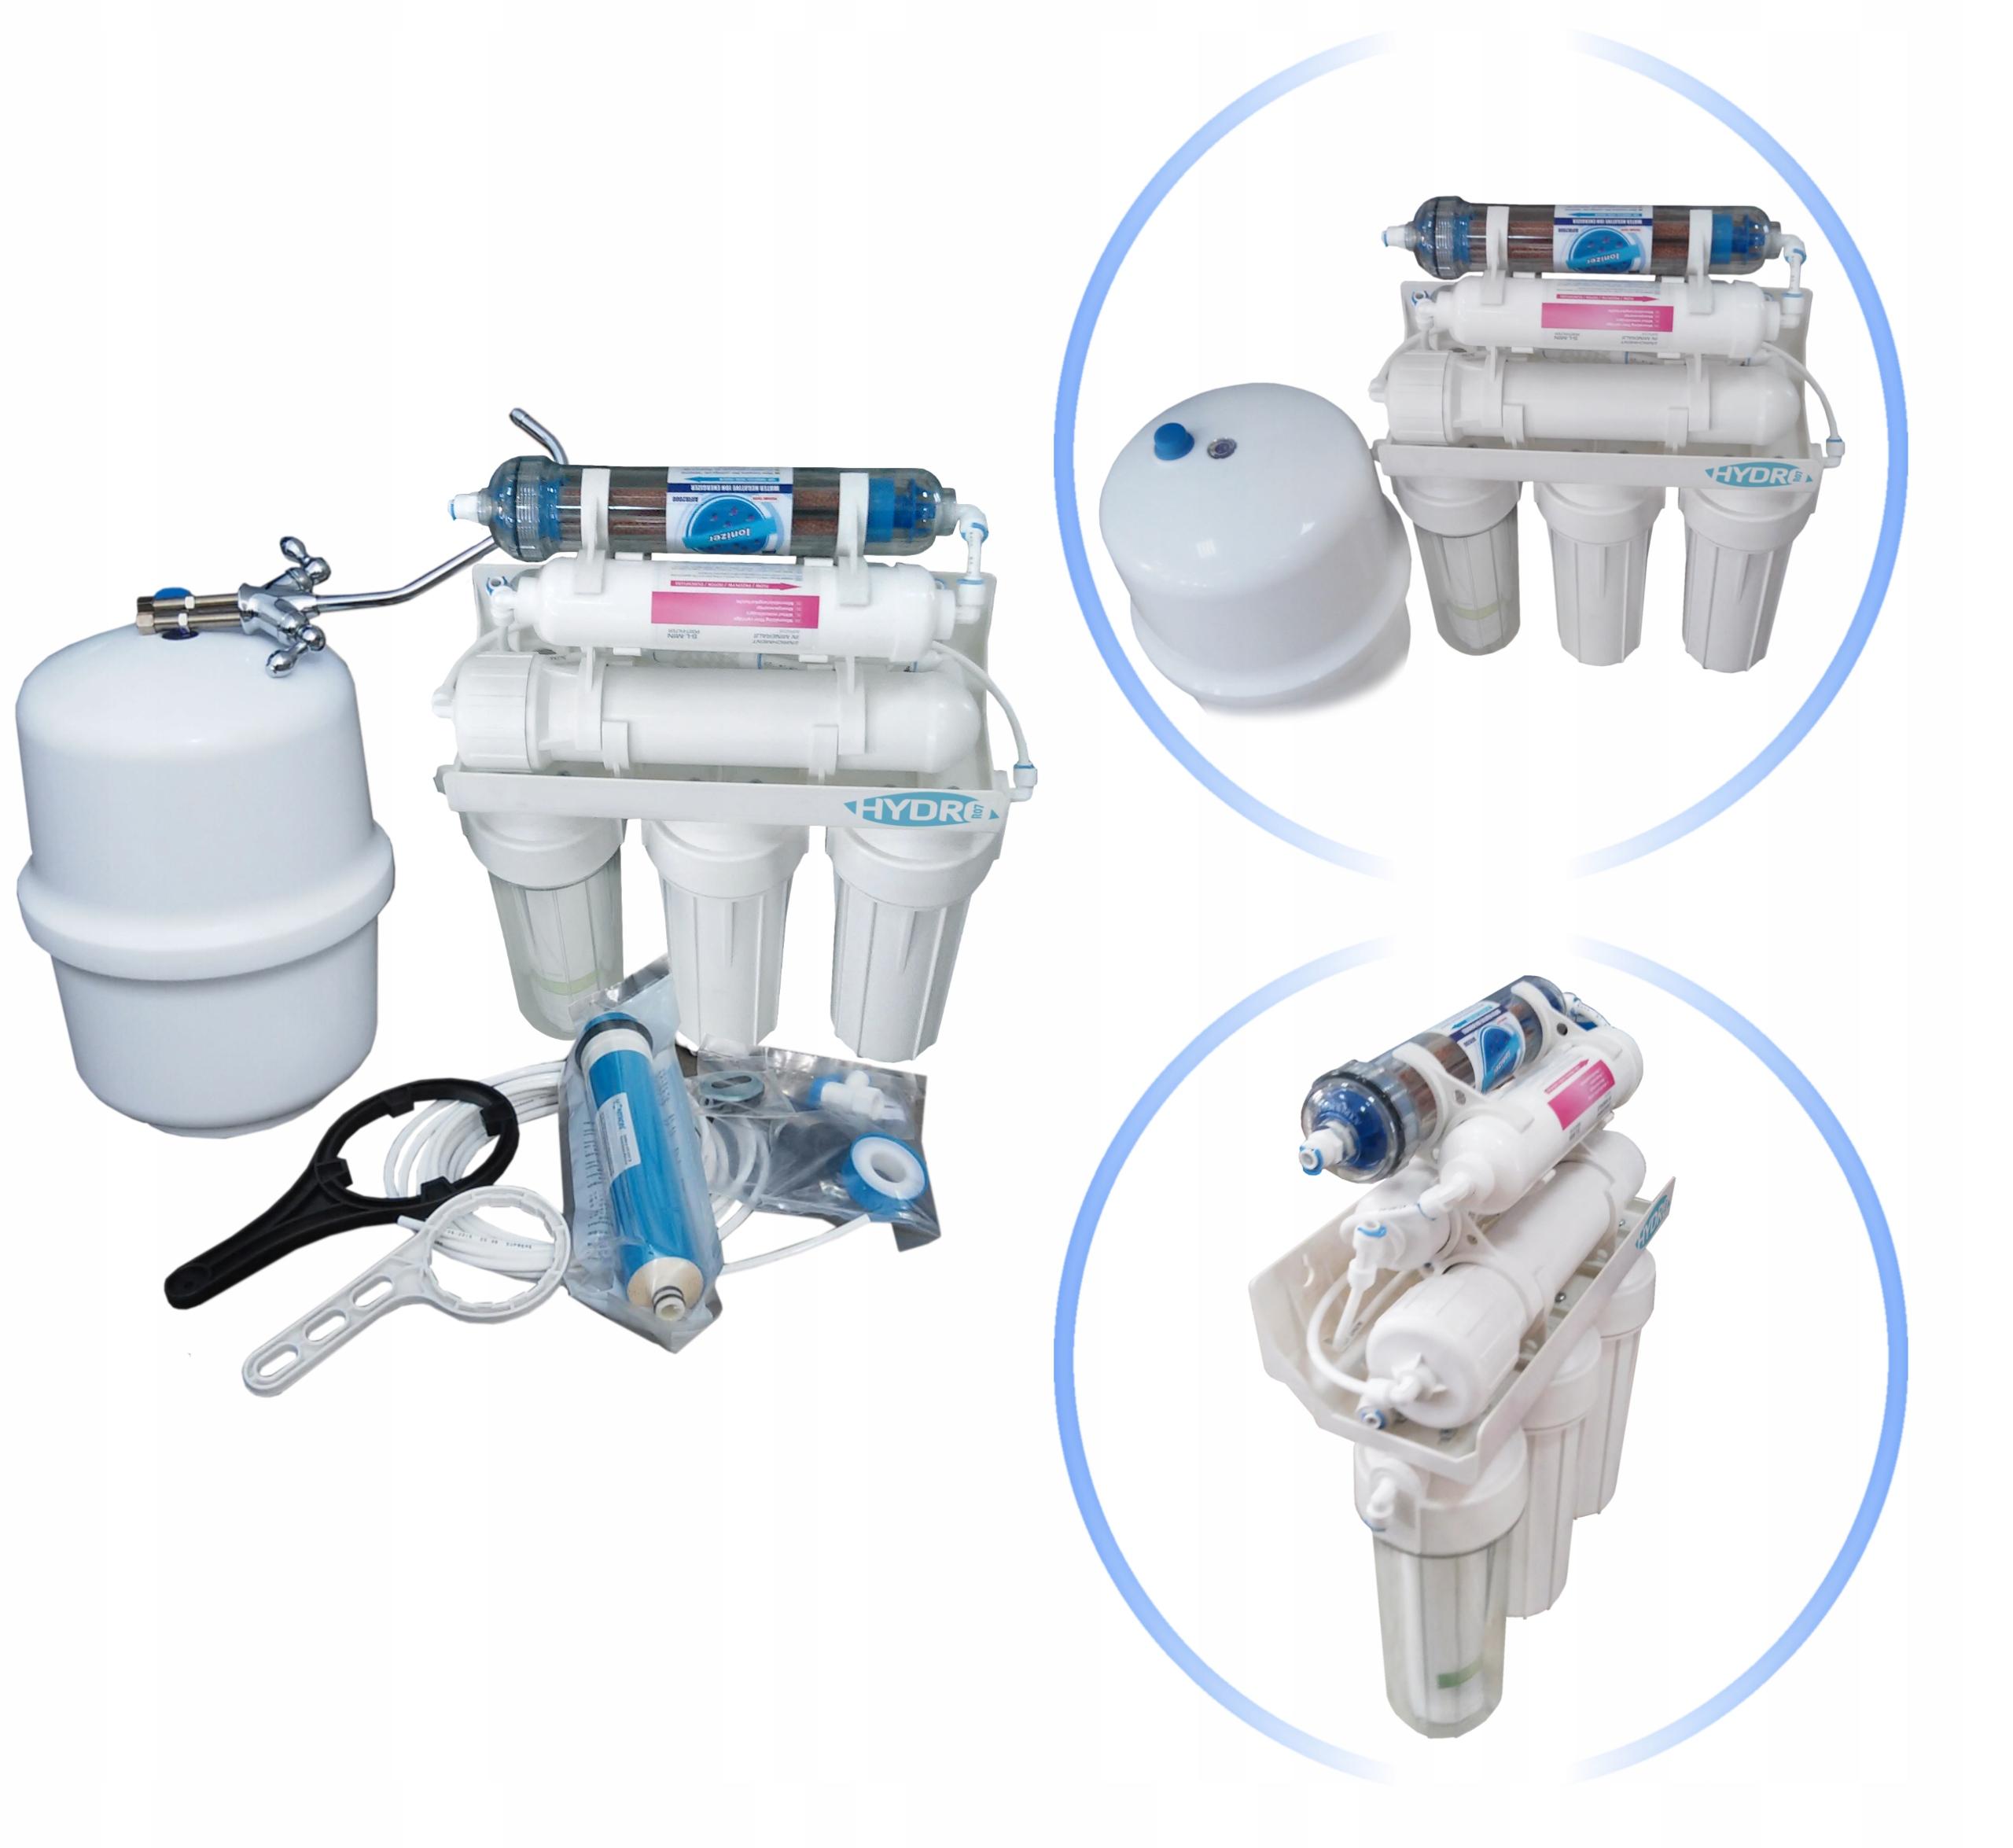 ZMIĘKCZACZ WODY HYDRO PLUS 32 + FILTR RO7 HYDRO Kod produktu Hydro Plus 32